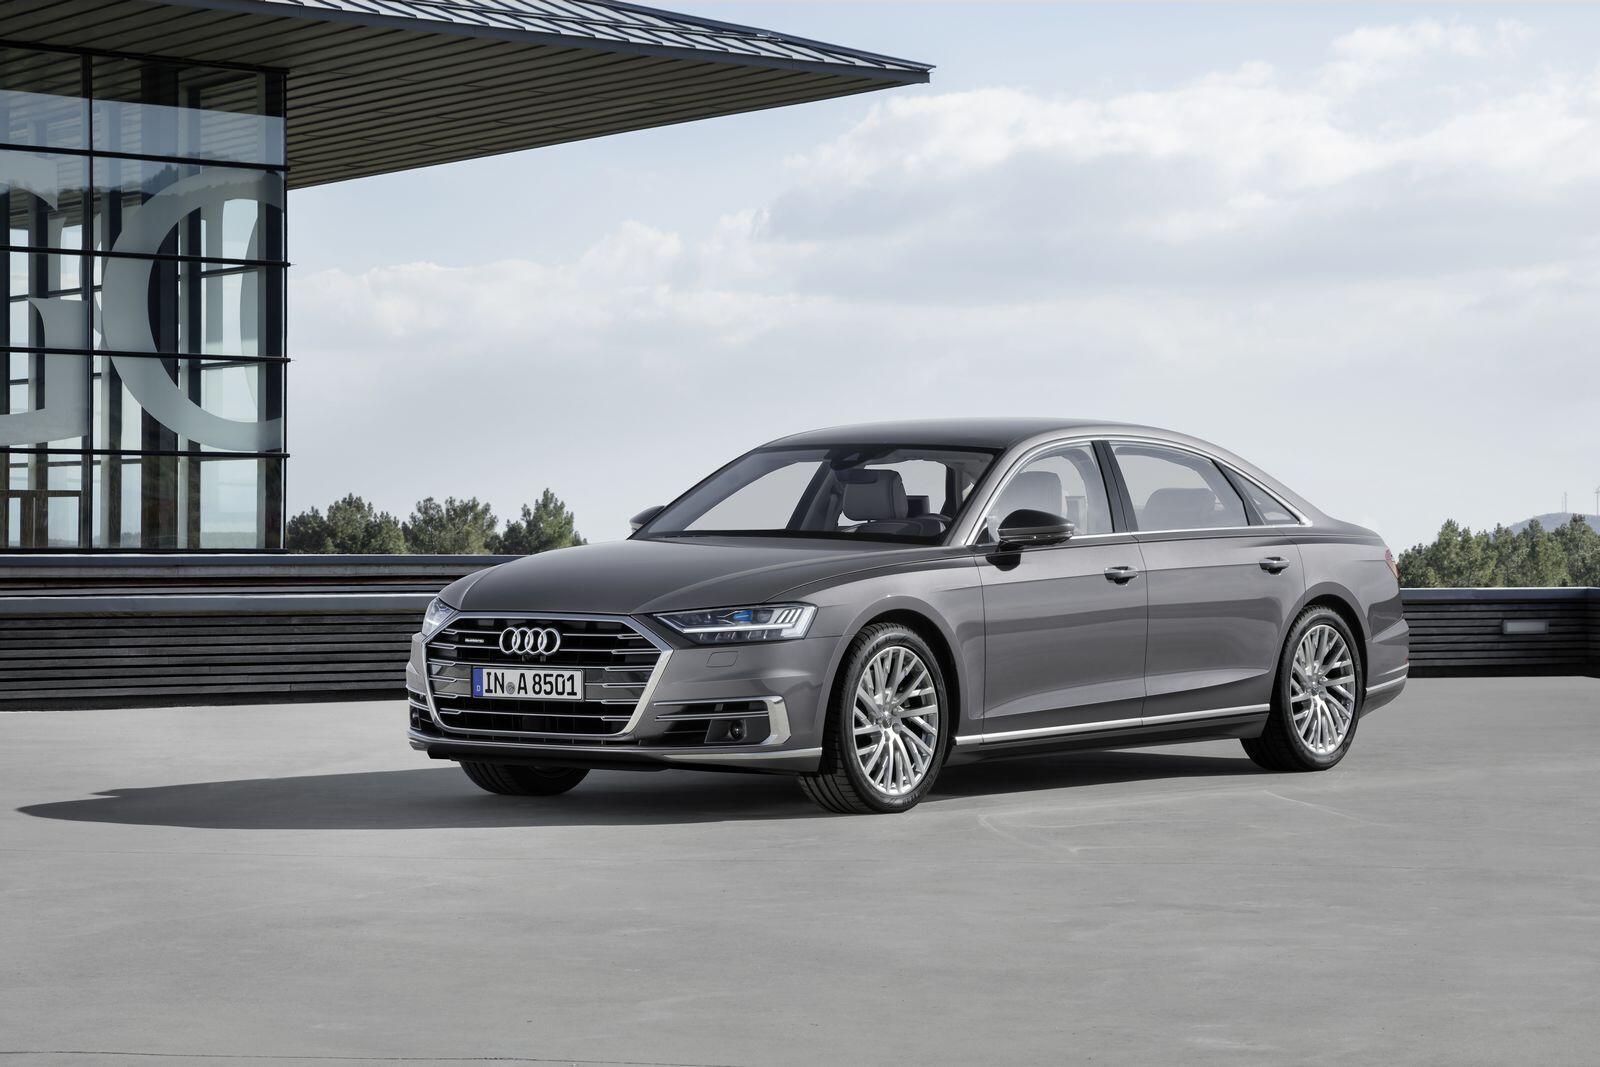 Audi A8 hoàn toàn mới chính thức ra mắt với đầy ắp công nghệ - Hình 12